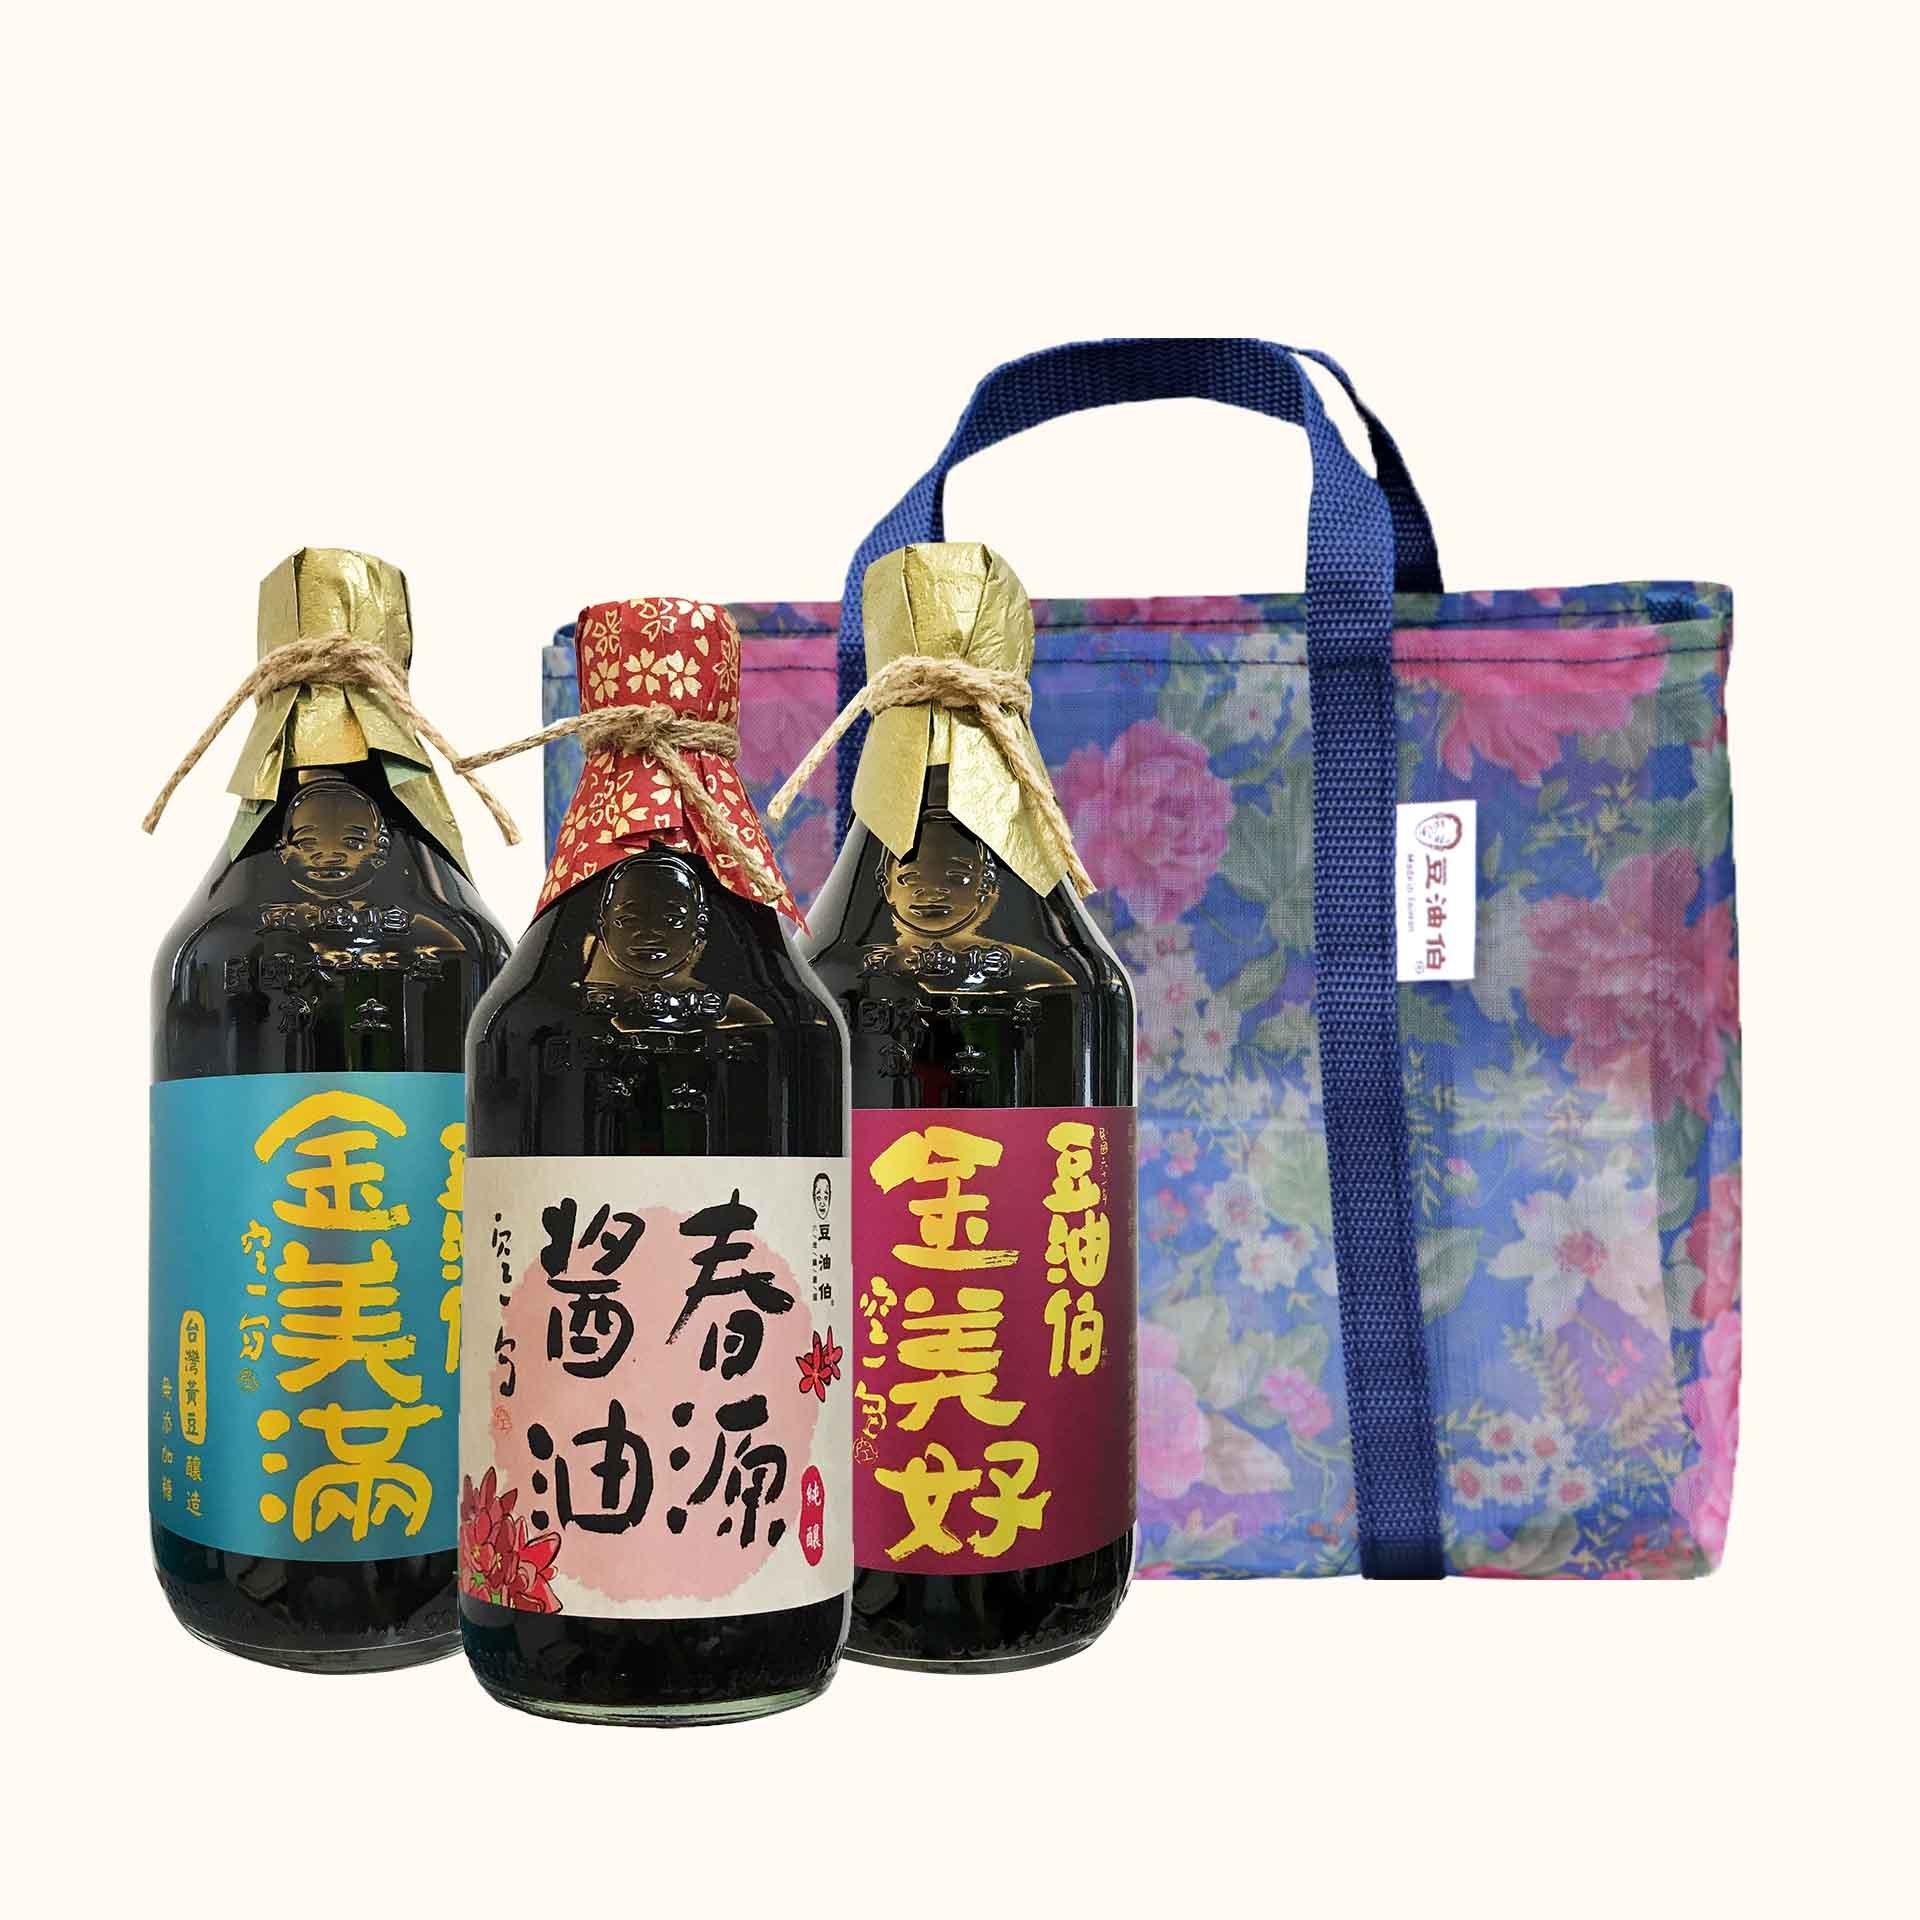 【AA無添加驗證】春源醬油1入+金美好醬油1入+金美滿醬油1入(共3入)+復古花袋1入(不挑色)